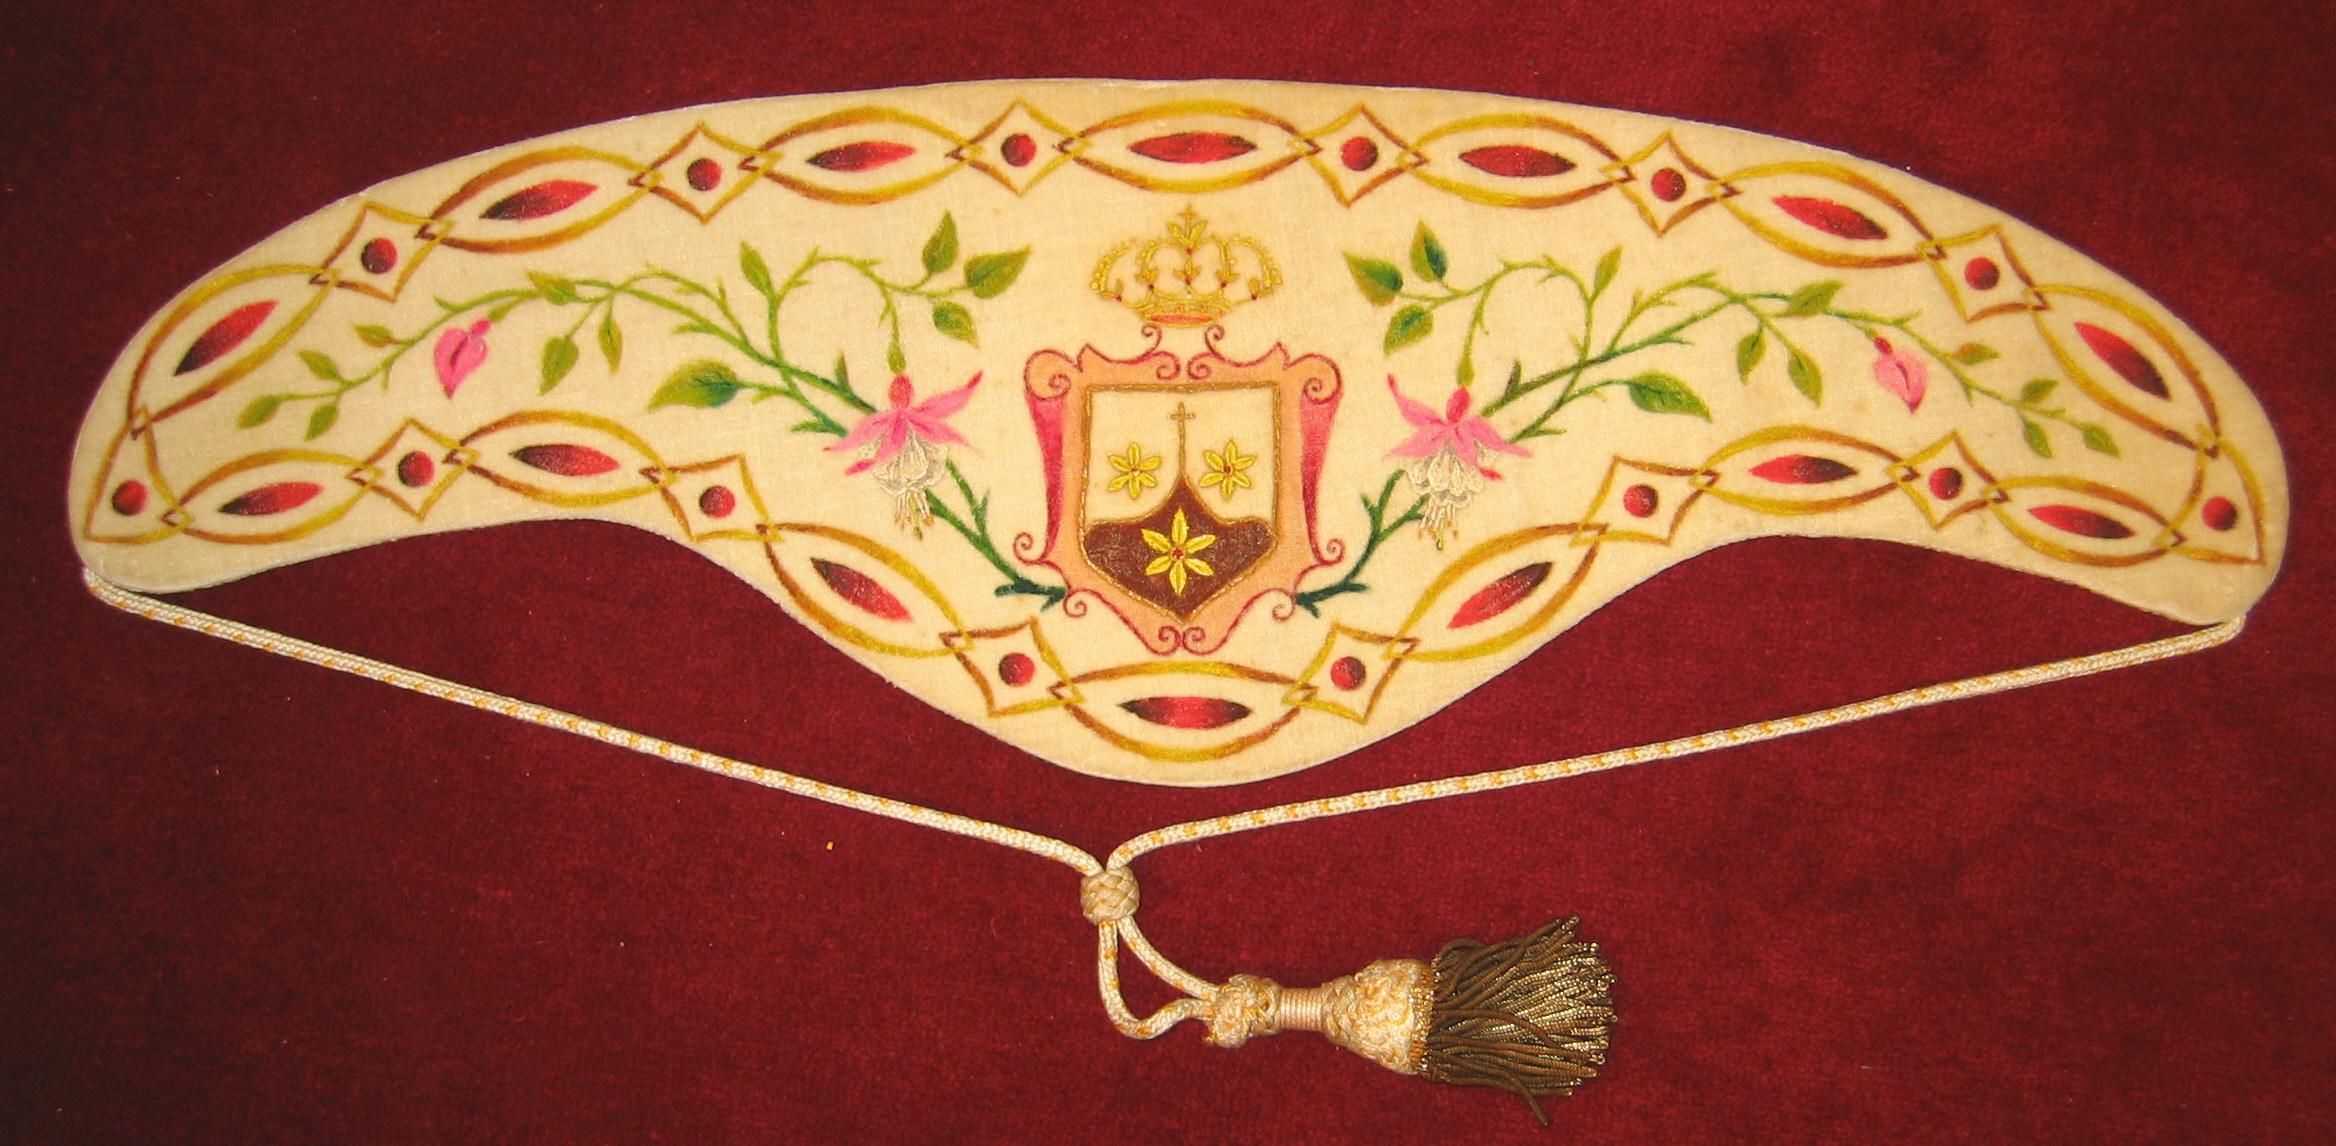 Collarino de las MM Carmelitas Descalzas de Murguía